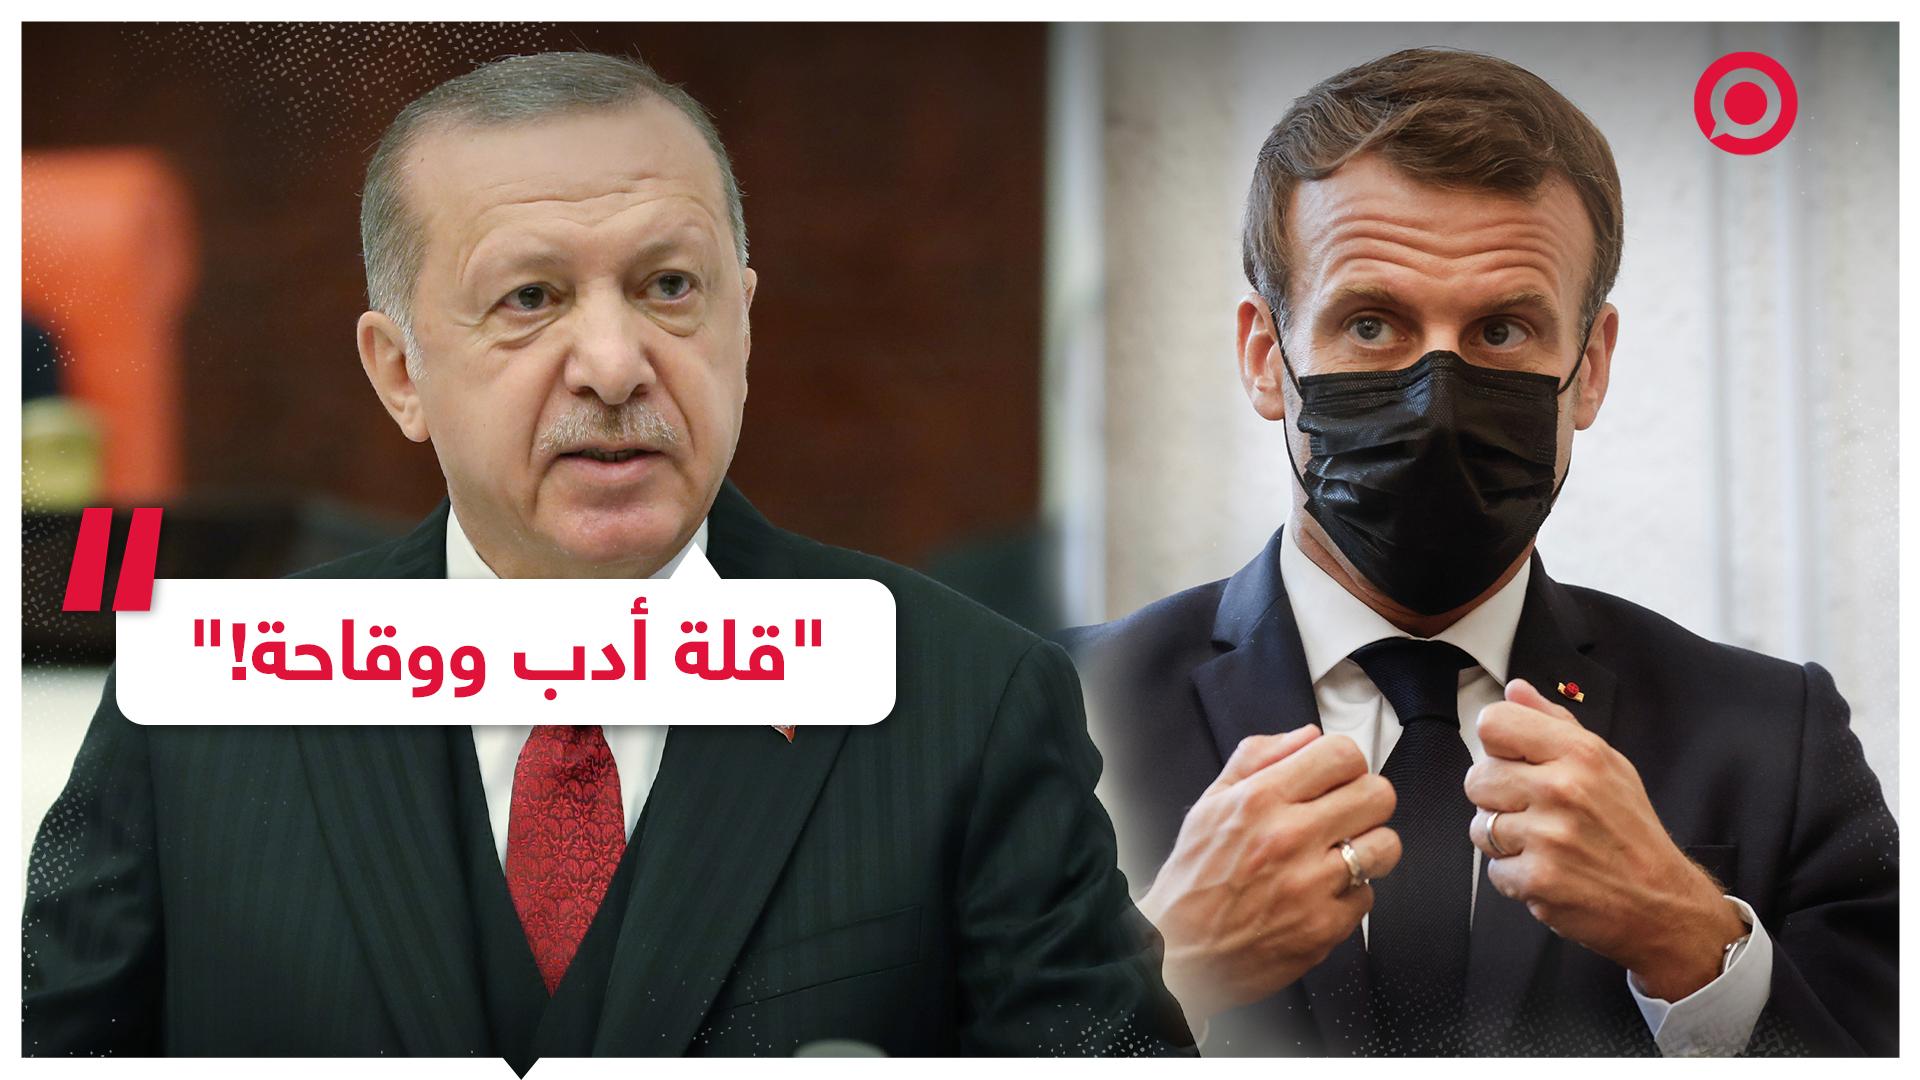 أردوغان ينتقد تصريحات ماكرون